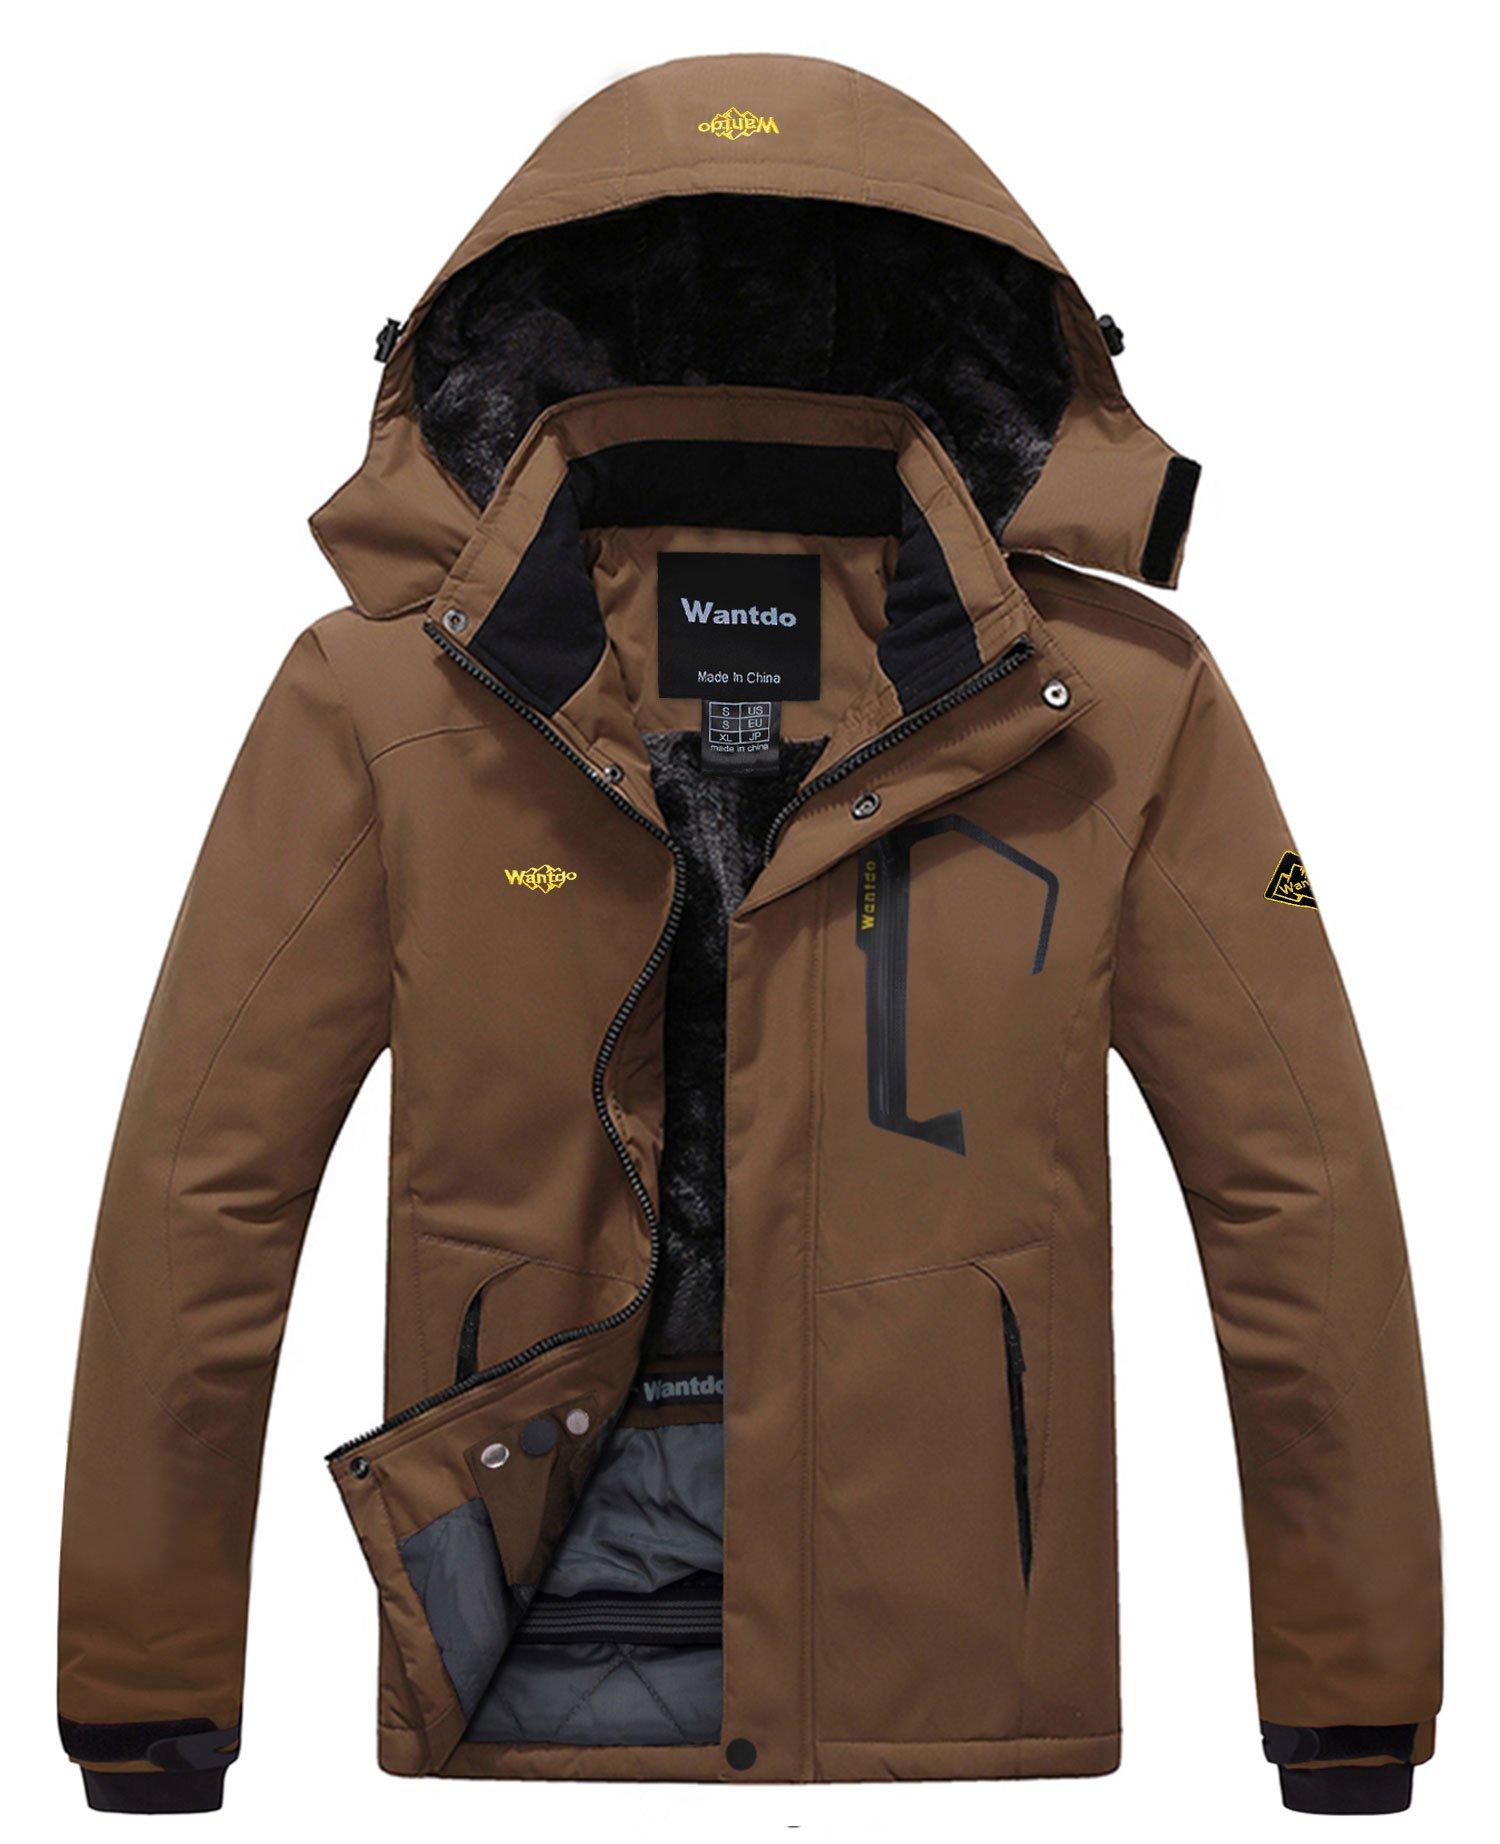 Wantdo Men's Waterproof Mountain Jacket Fleece Windproof Ski Jacket US XL  Coffee XL by Wantdo